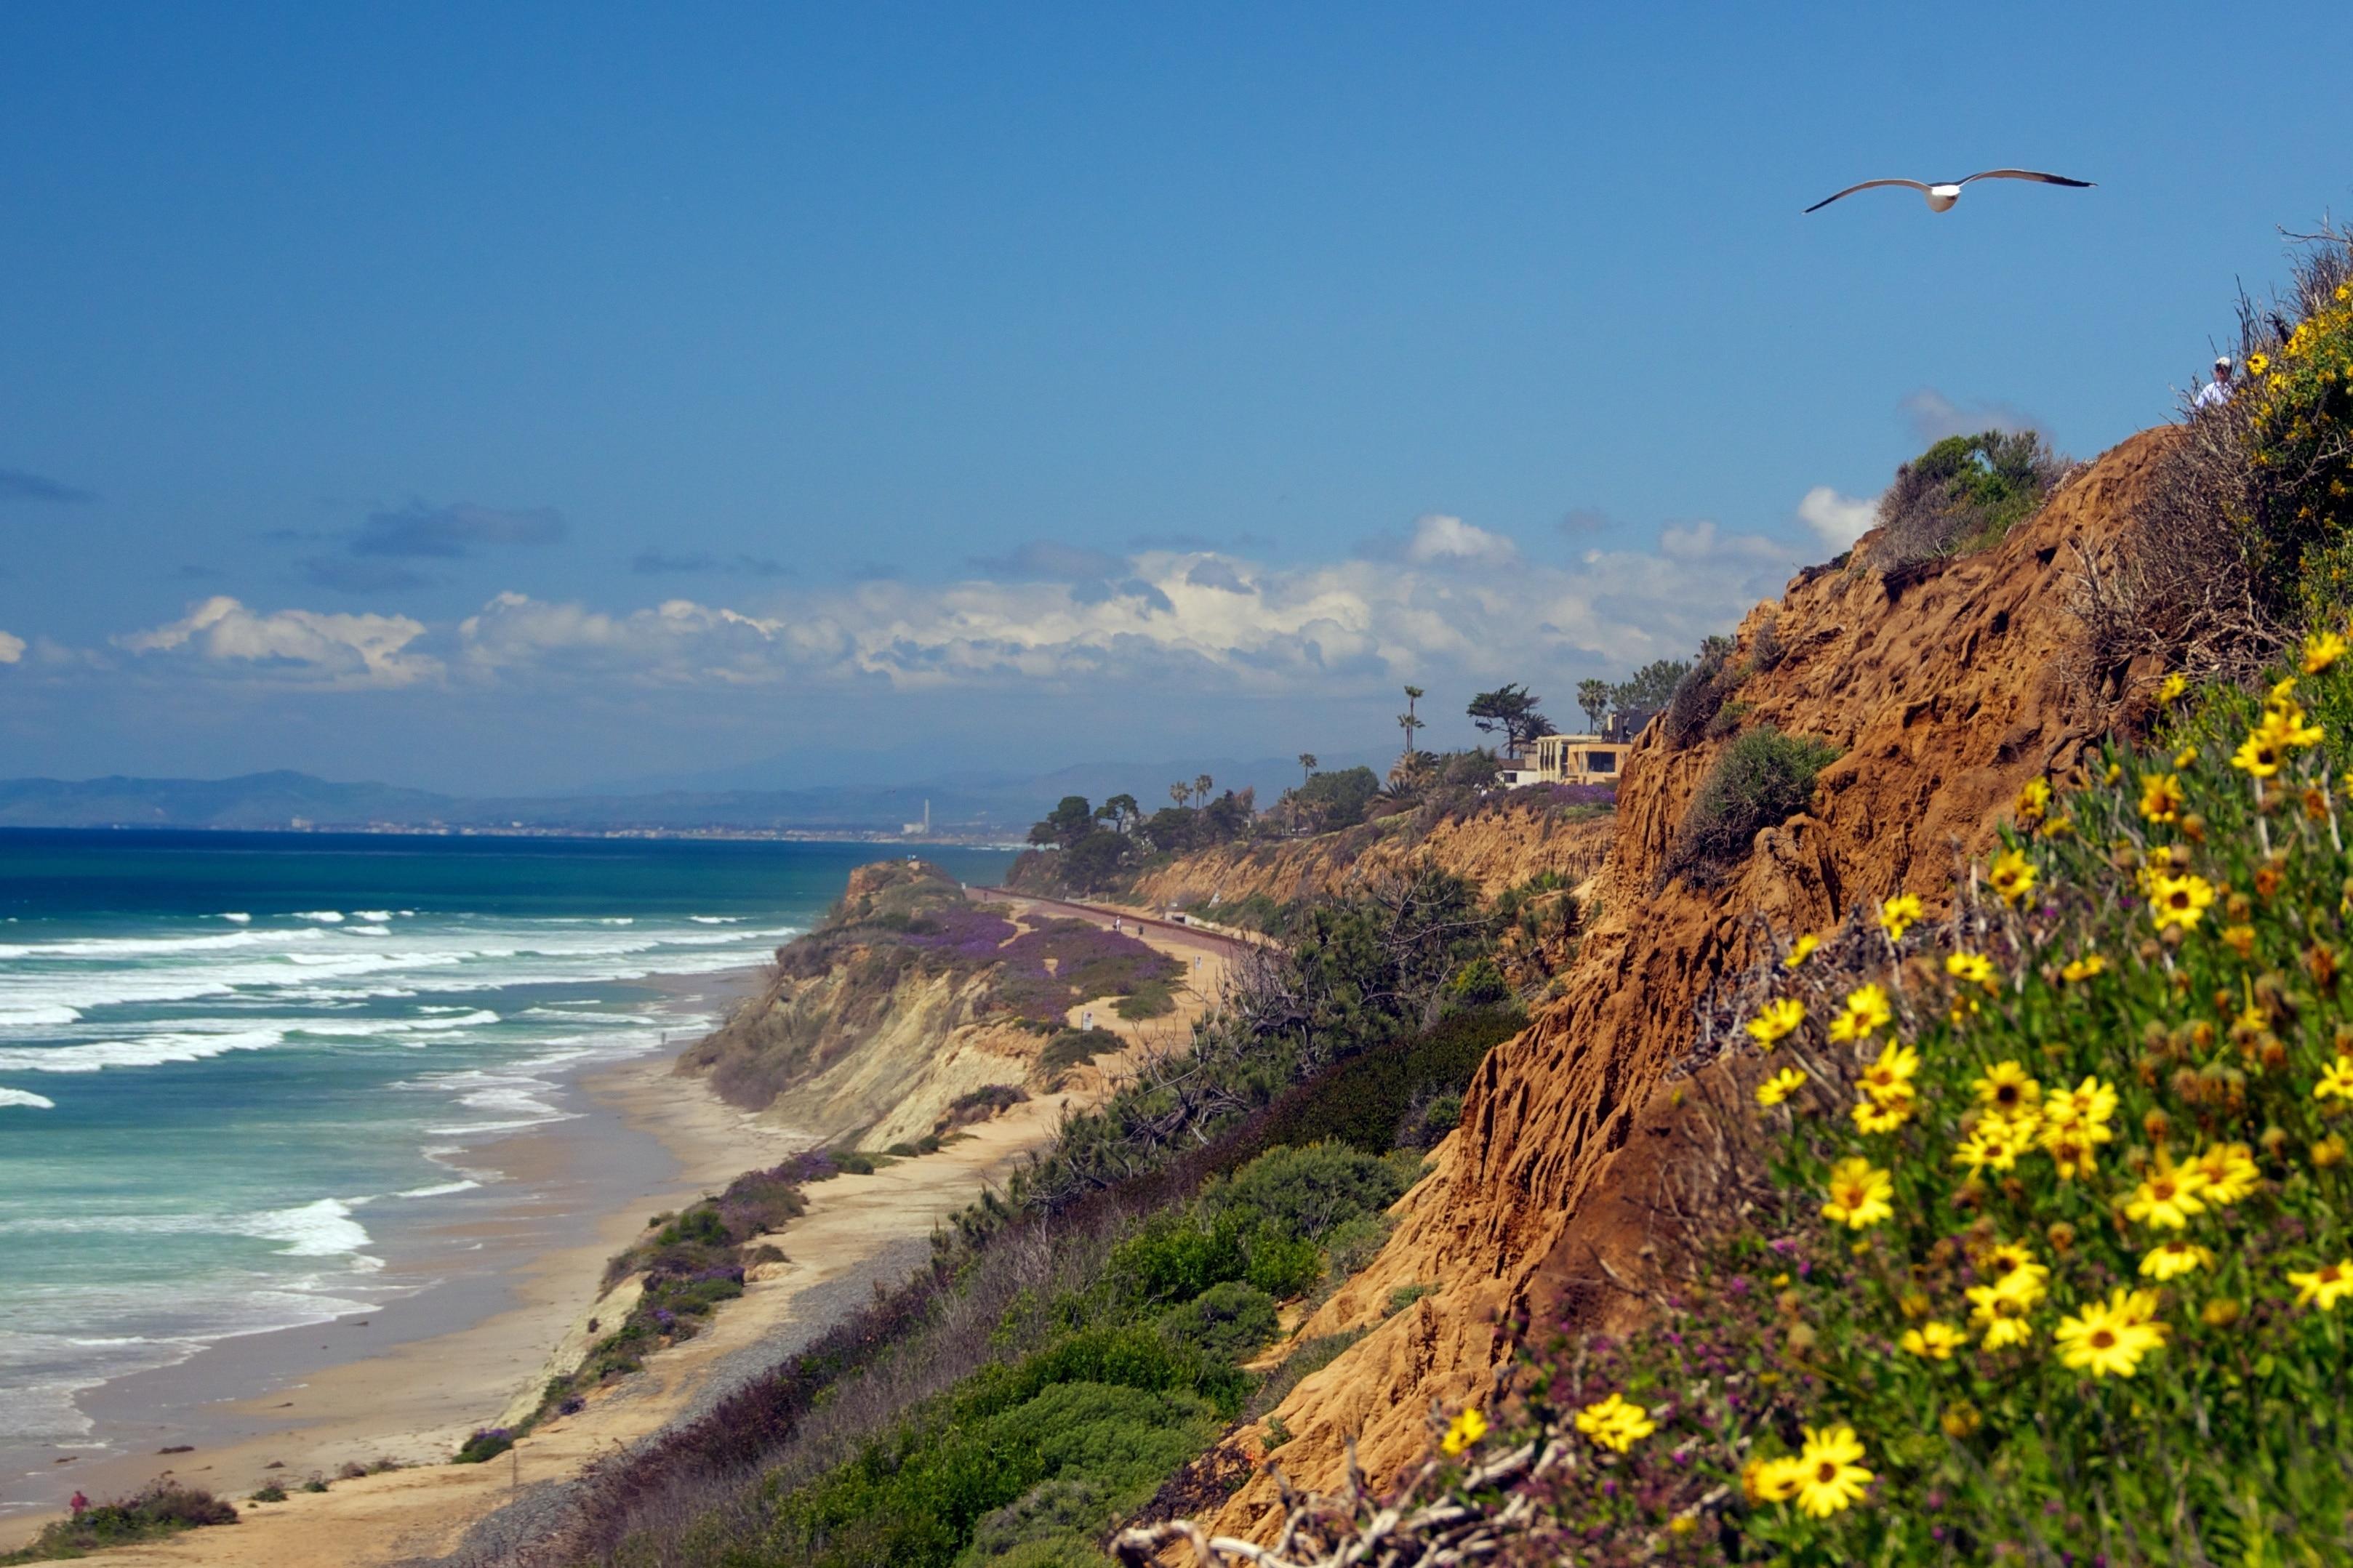 Del Mar Beach, Del Mar, California, United States of America